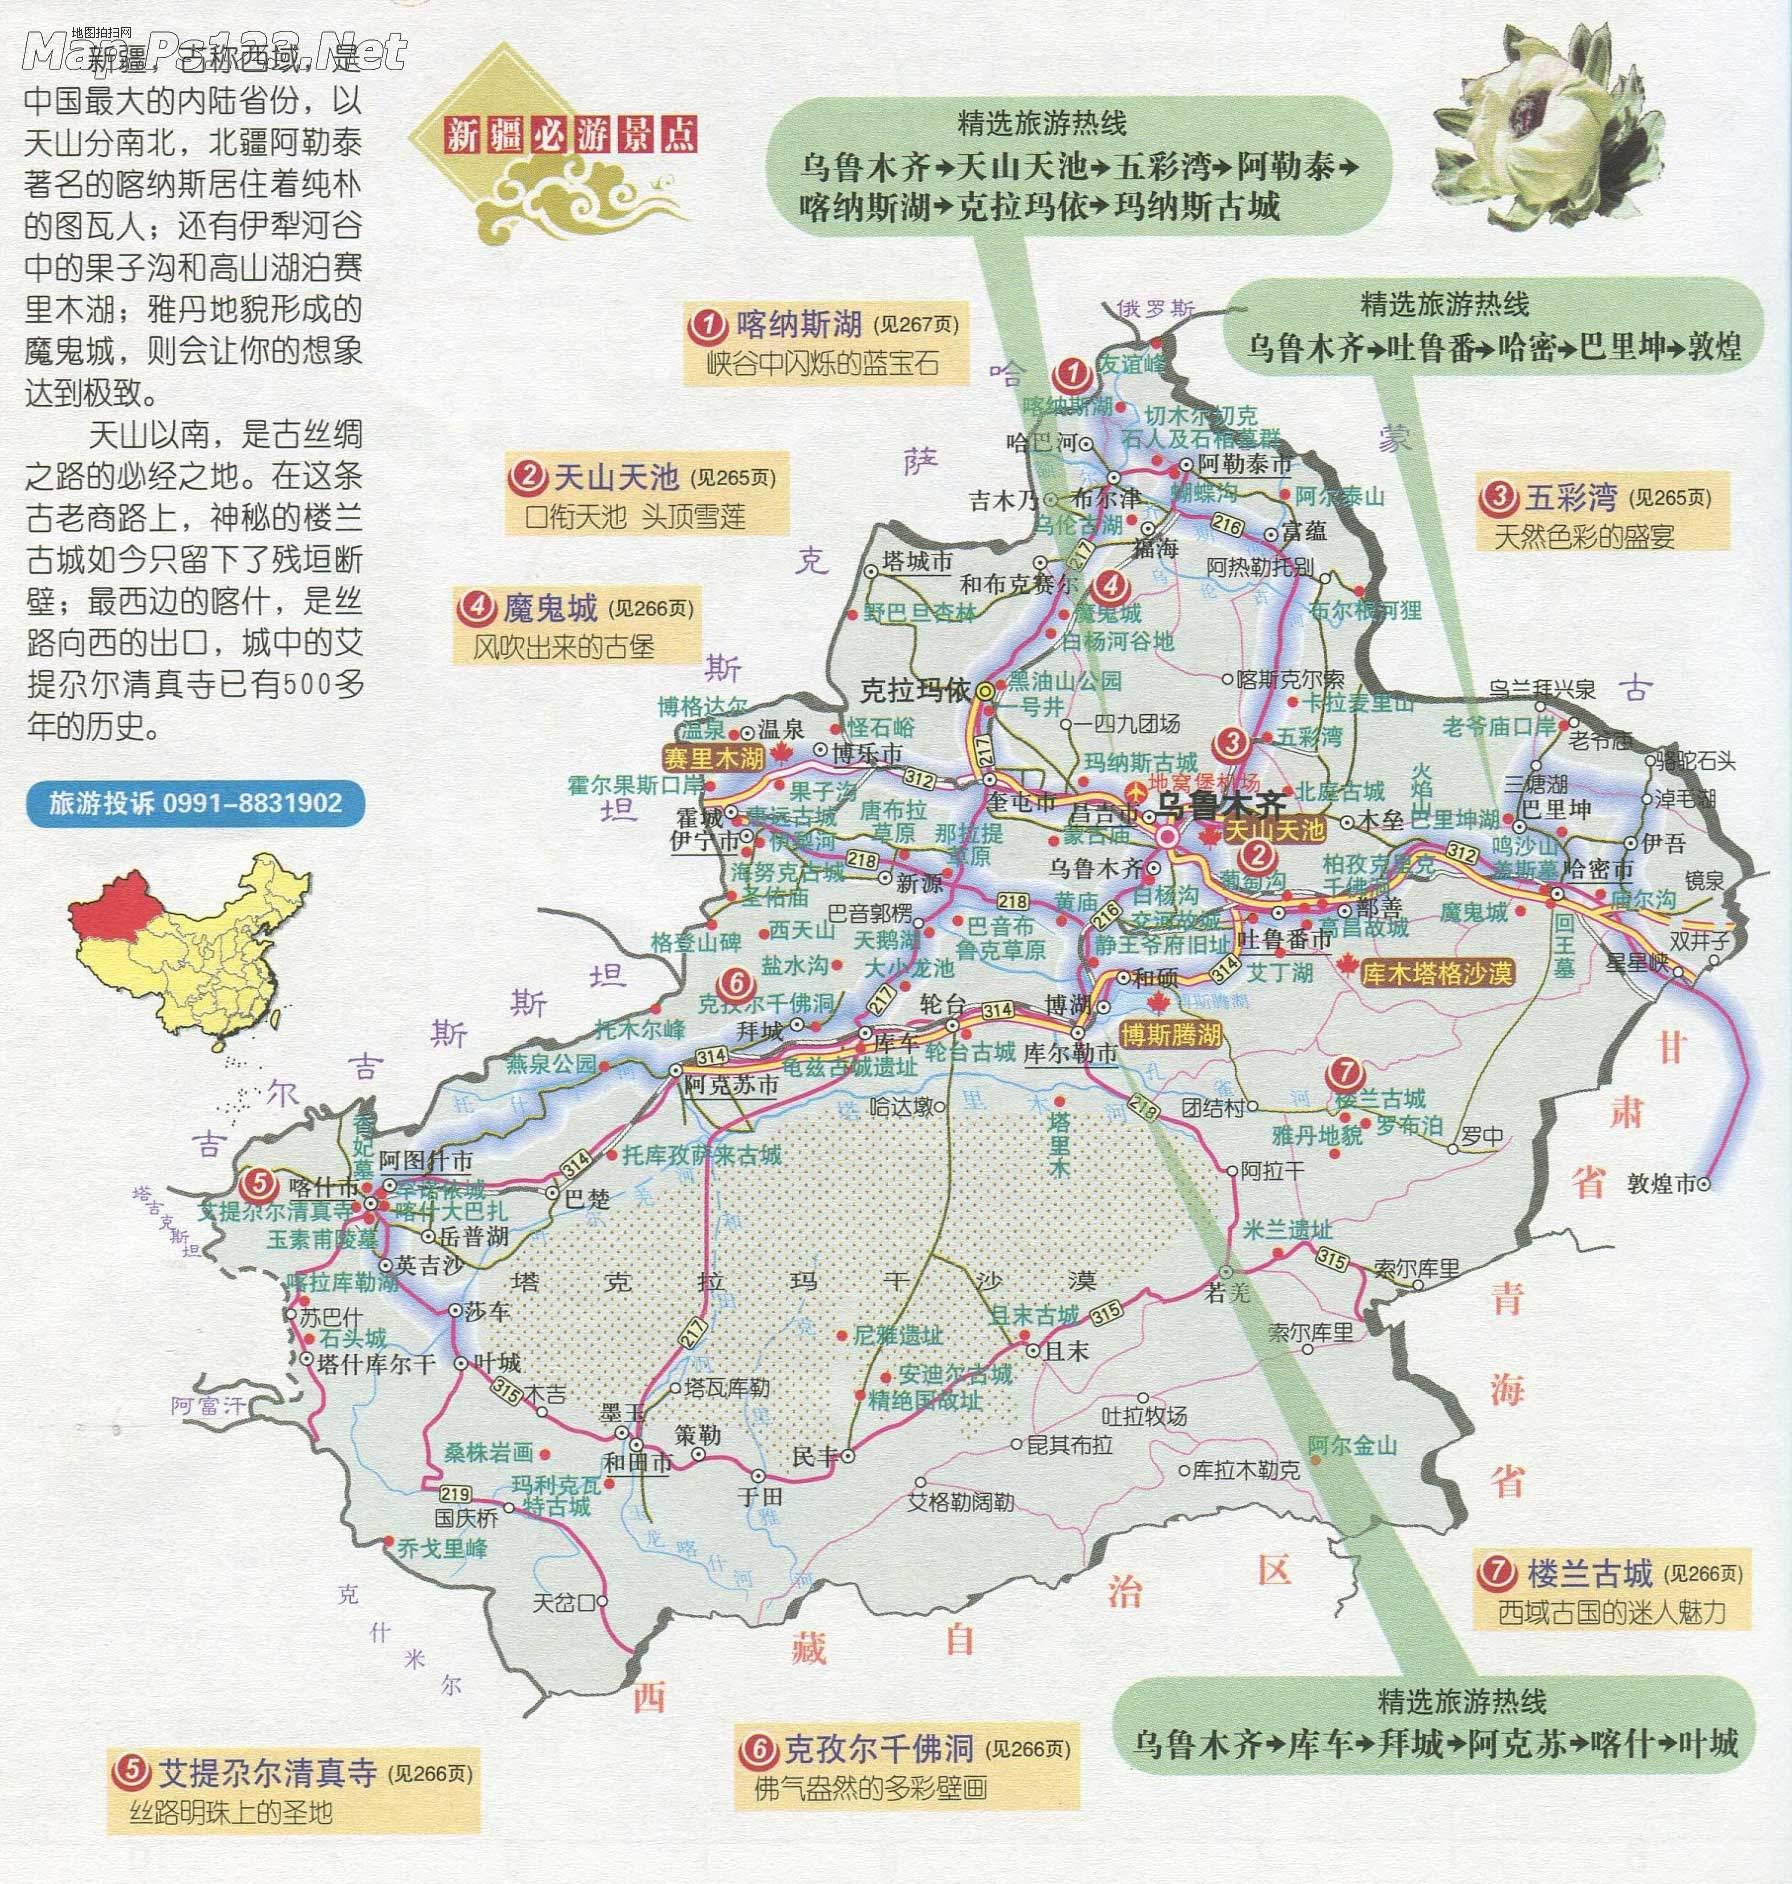 新疆旅游地图(必游景点)